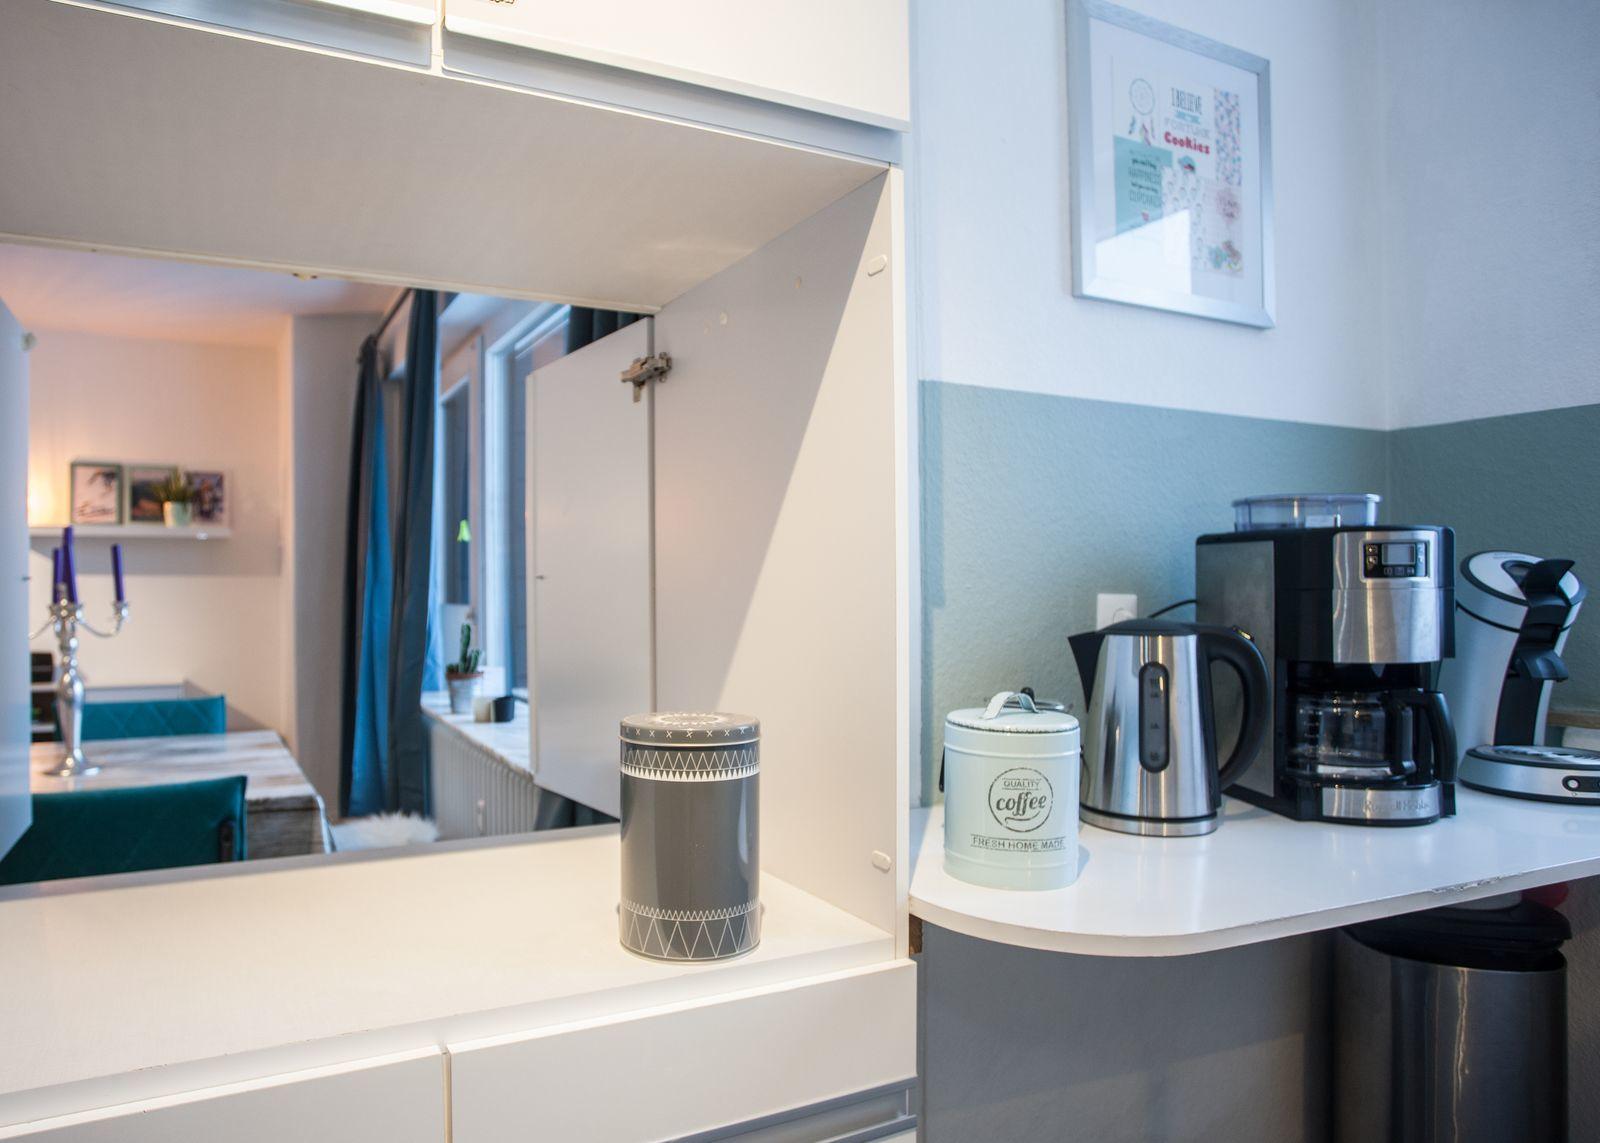 Appartement - Auf der Wallme  39-H | Winterberg